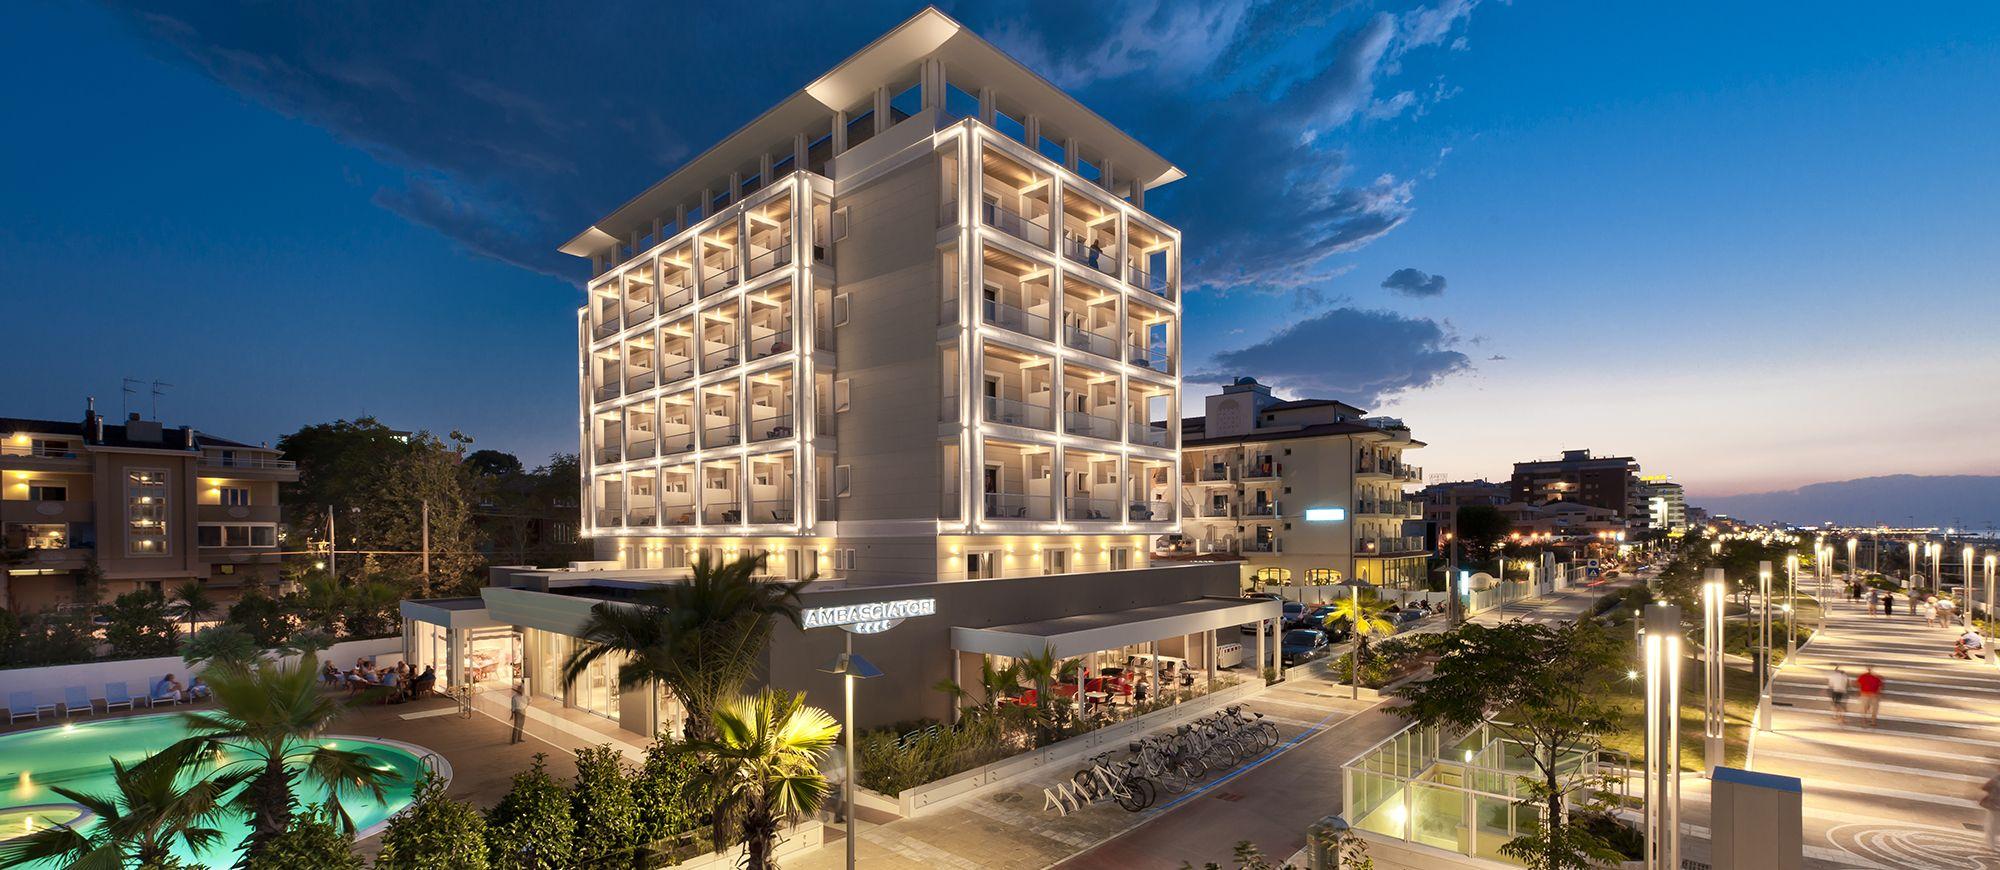 Hotel 4 stelle riccione alberghi con piscina centro for Hotel siracusa 3 stelle